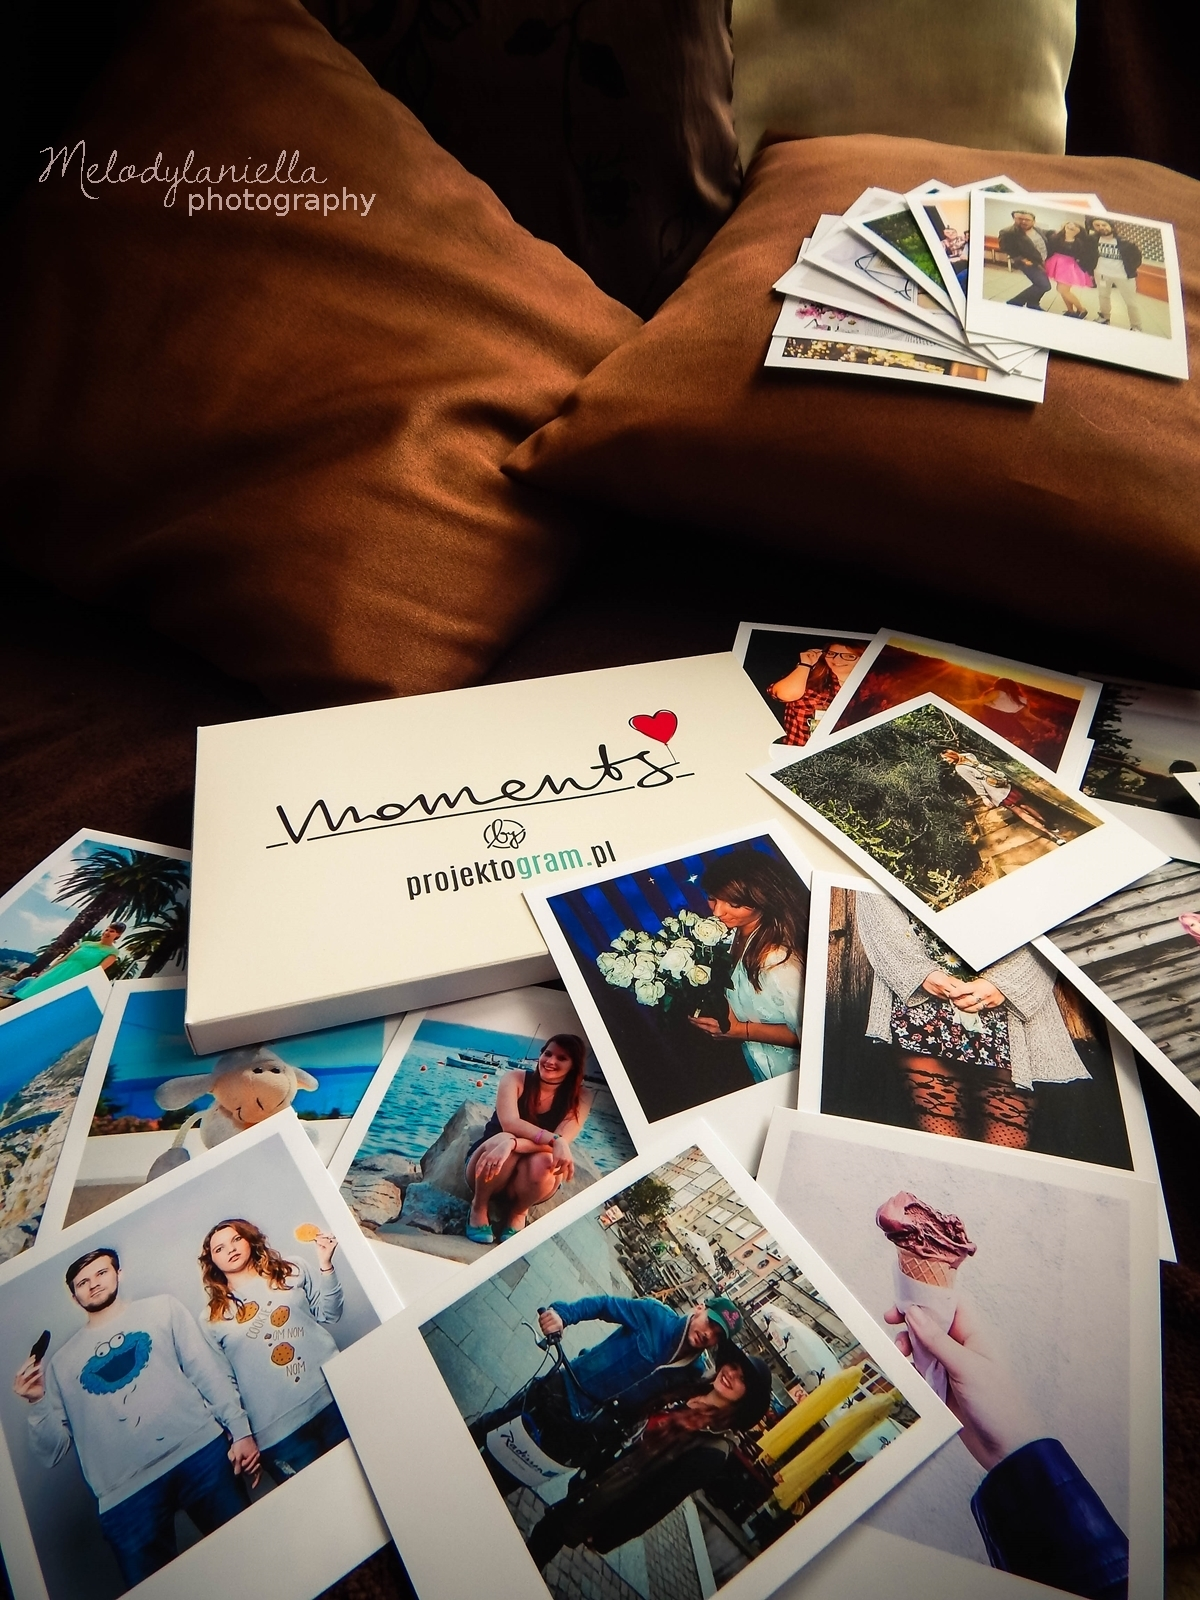 projektogram zdjecia polaroid polaroidy wywolane instagram kwadraty nietypowe wywolanie zdjec wspomnienia z wakacji prezent dla lubiacych zdjecia nowosc aplikacja wydruk